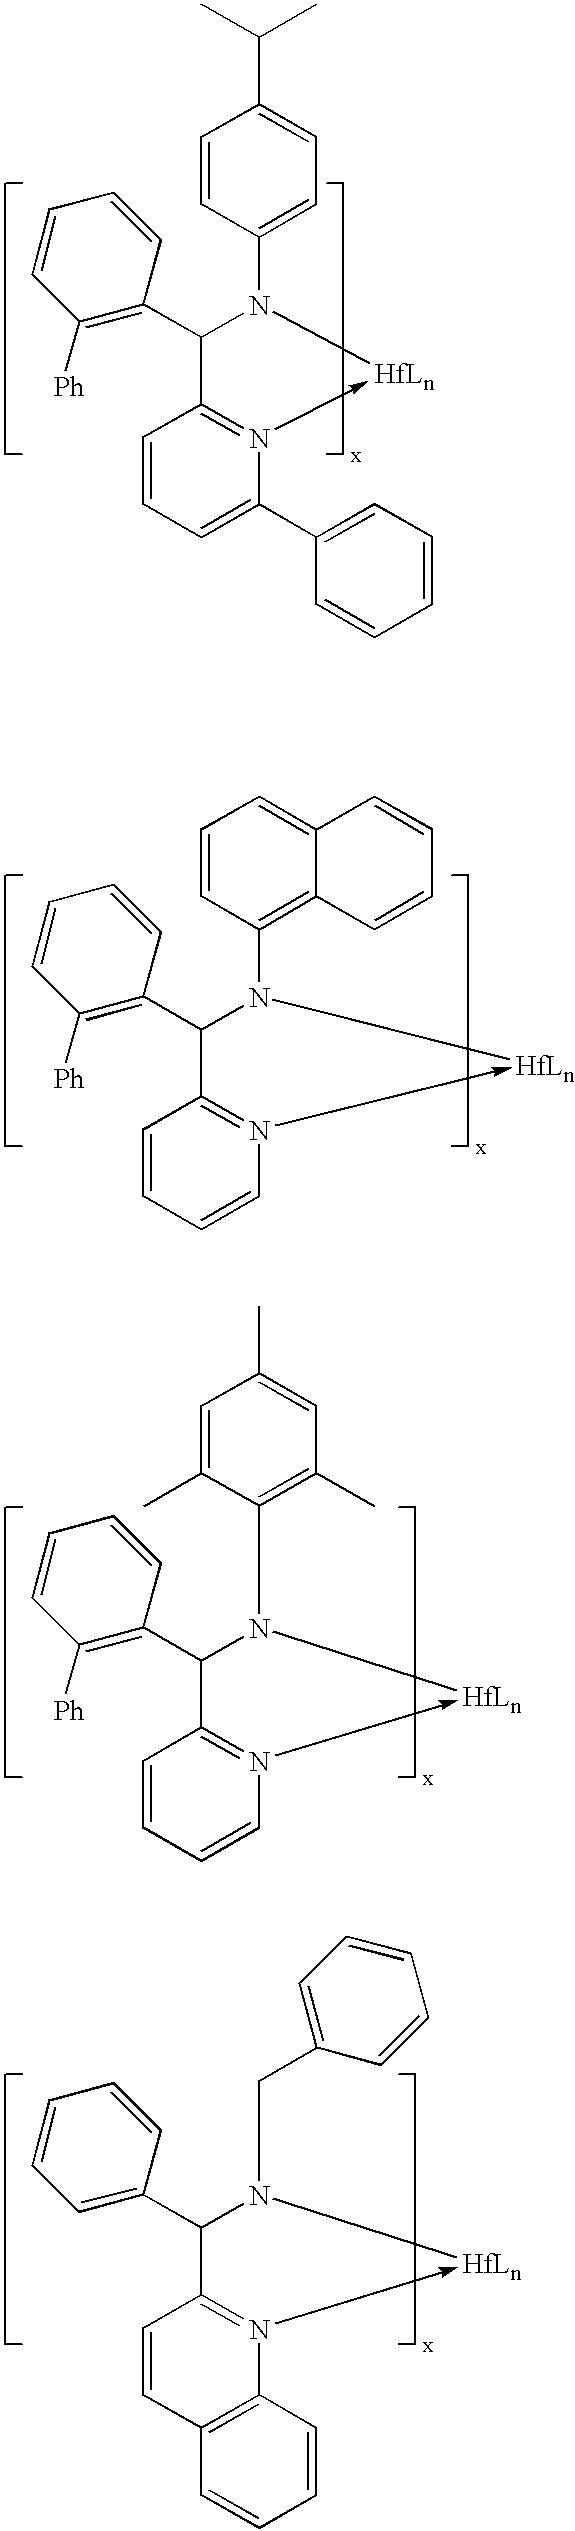 Figure US20030195300A1-20031016-C00015